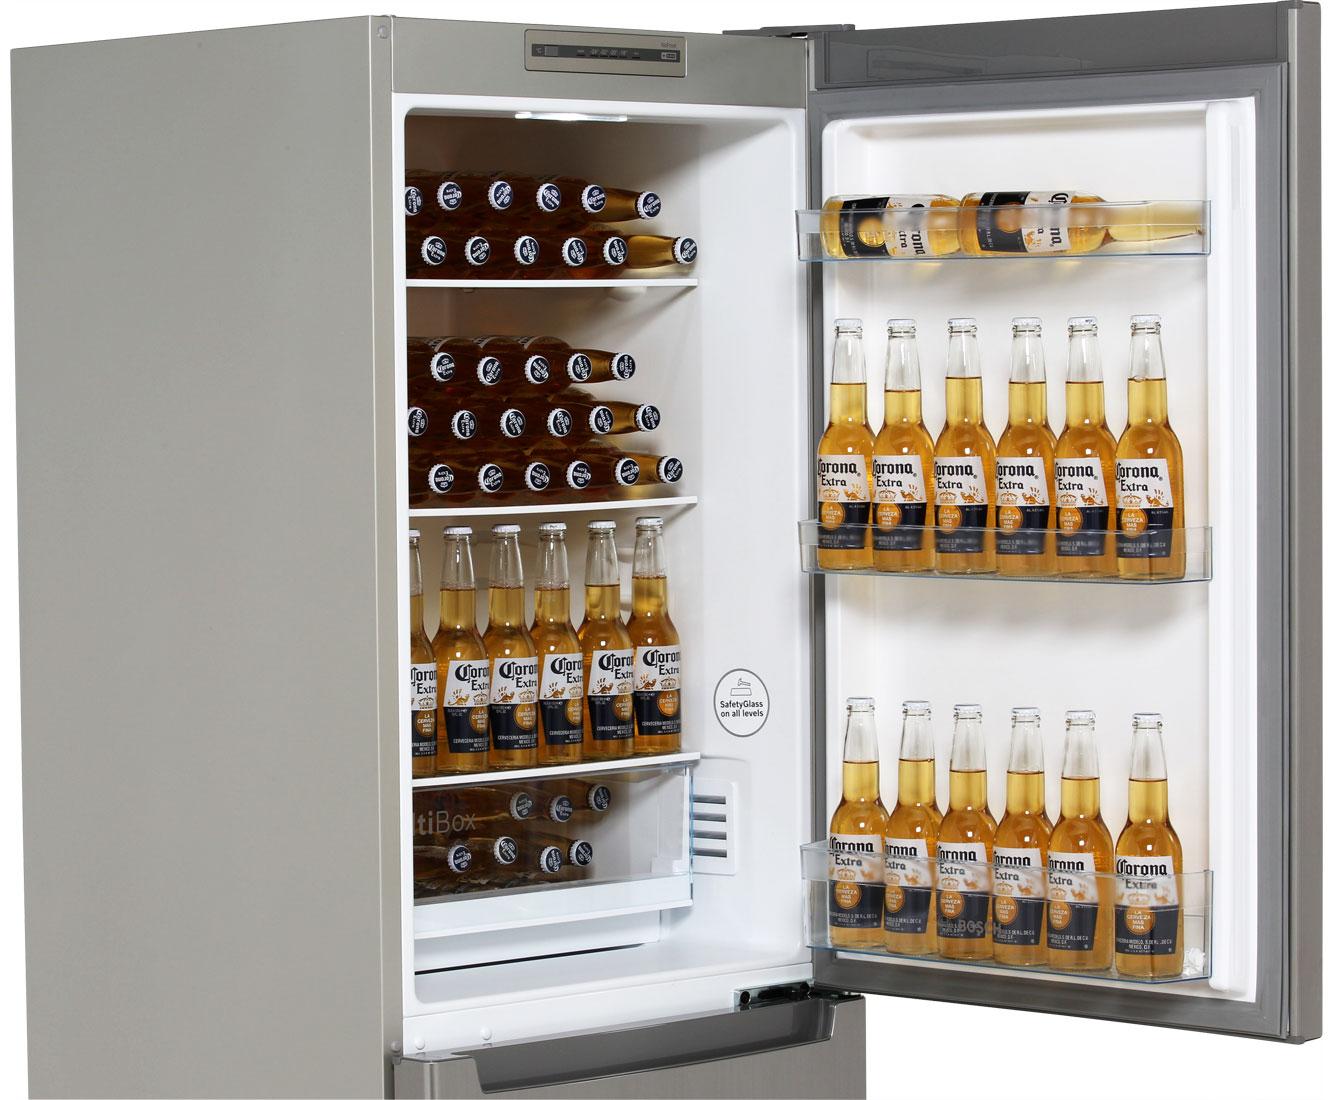 BOSCH Serie 2 Kühl-Gefrierkombination mit No Frost und Multi Airflow-System in Edelstahl-Optik, A++ für 439 € inkl. Versand bis in die Küche [ao]